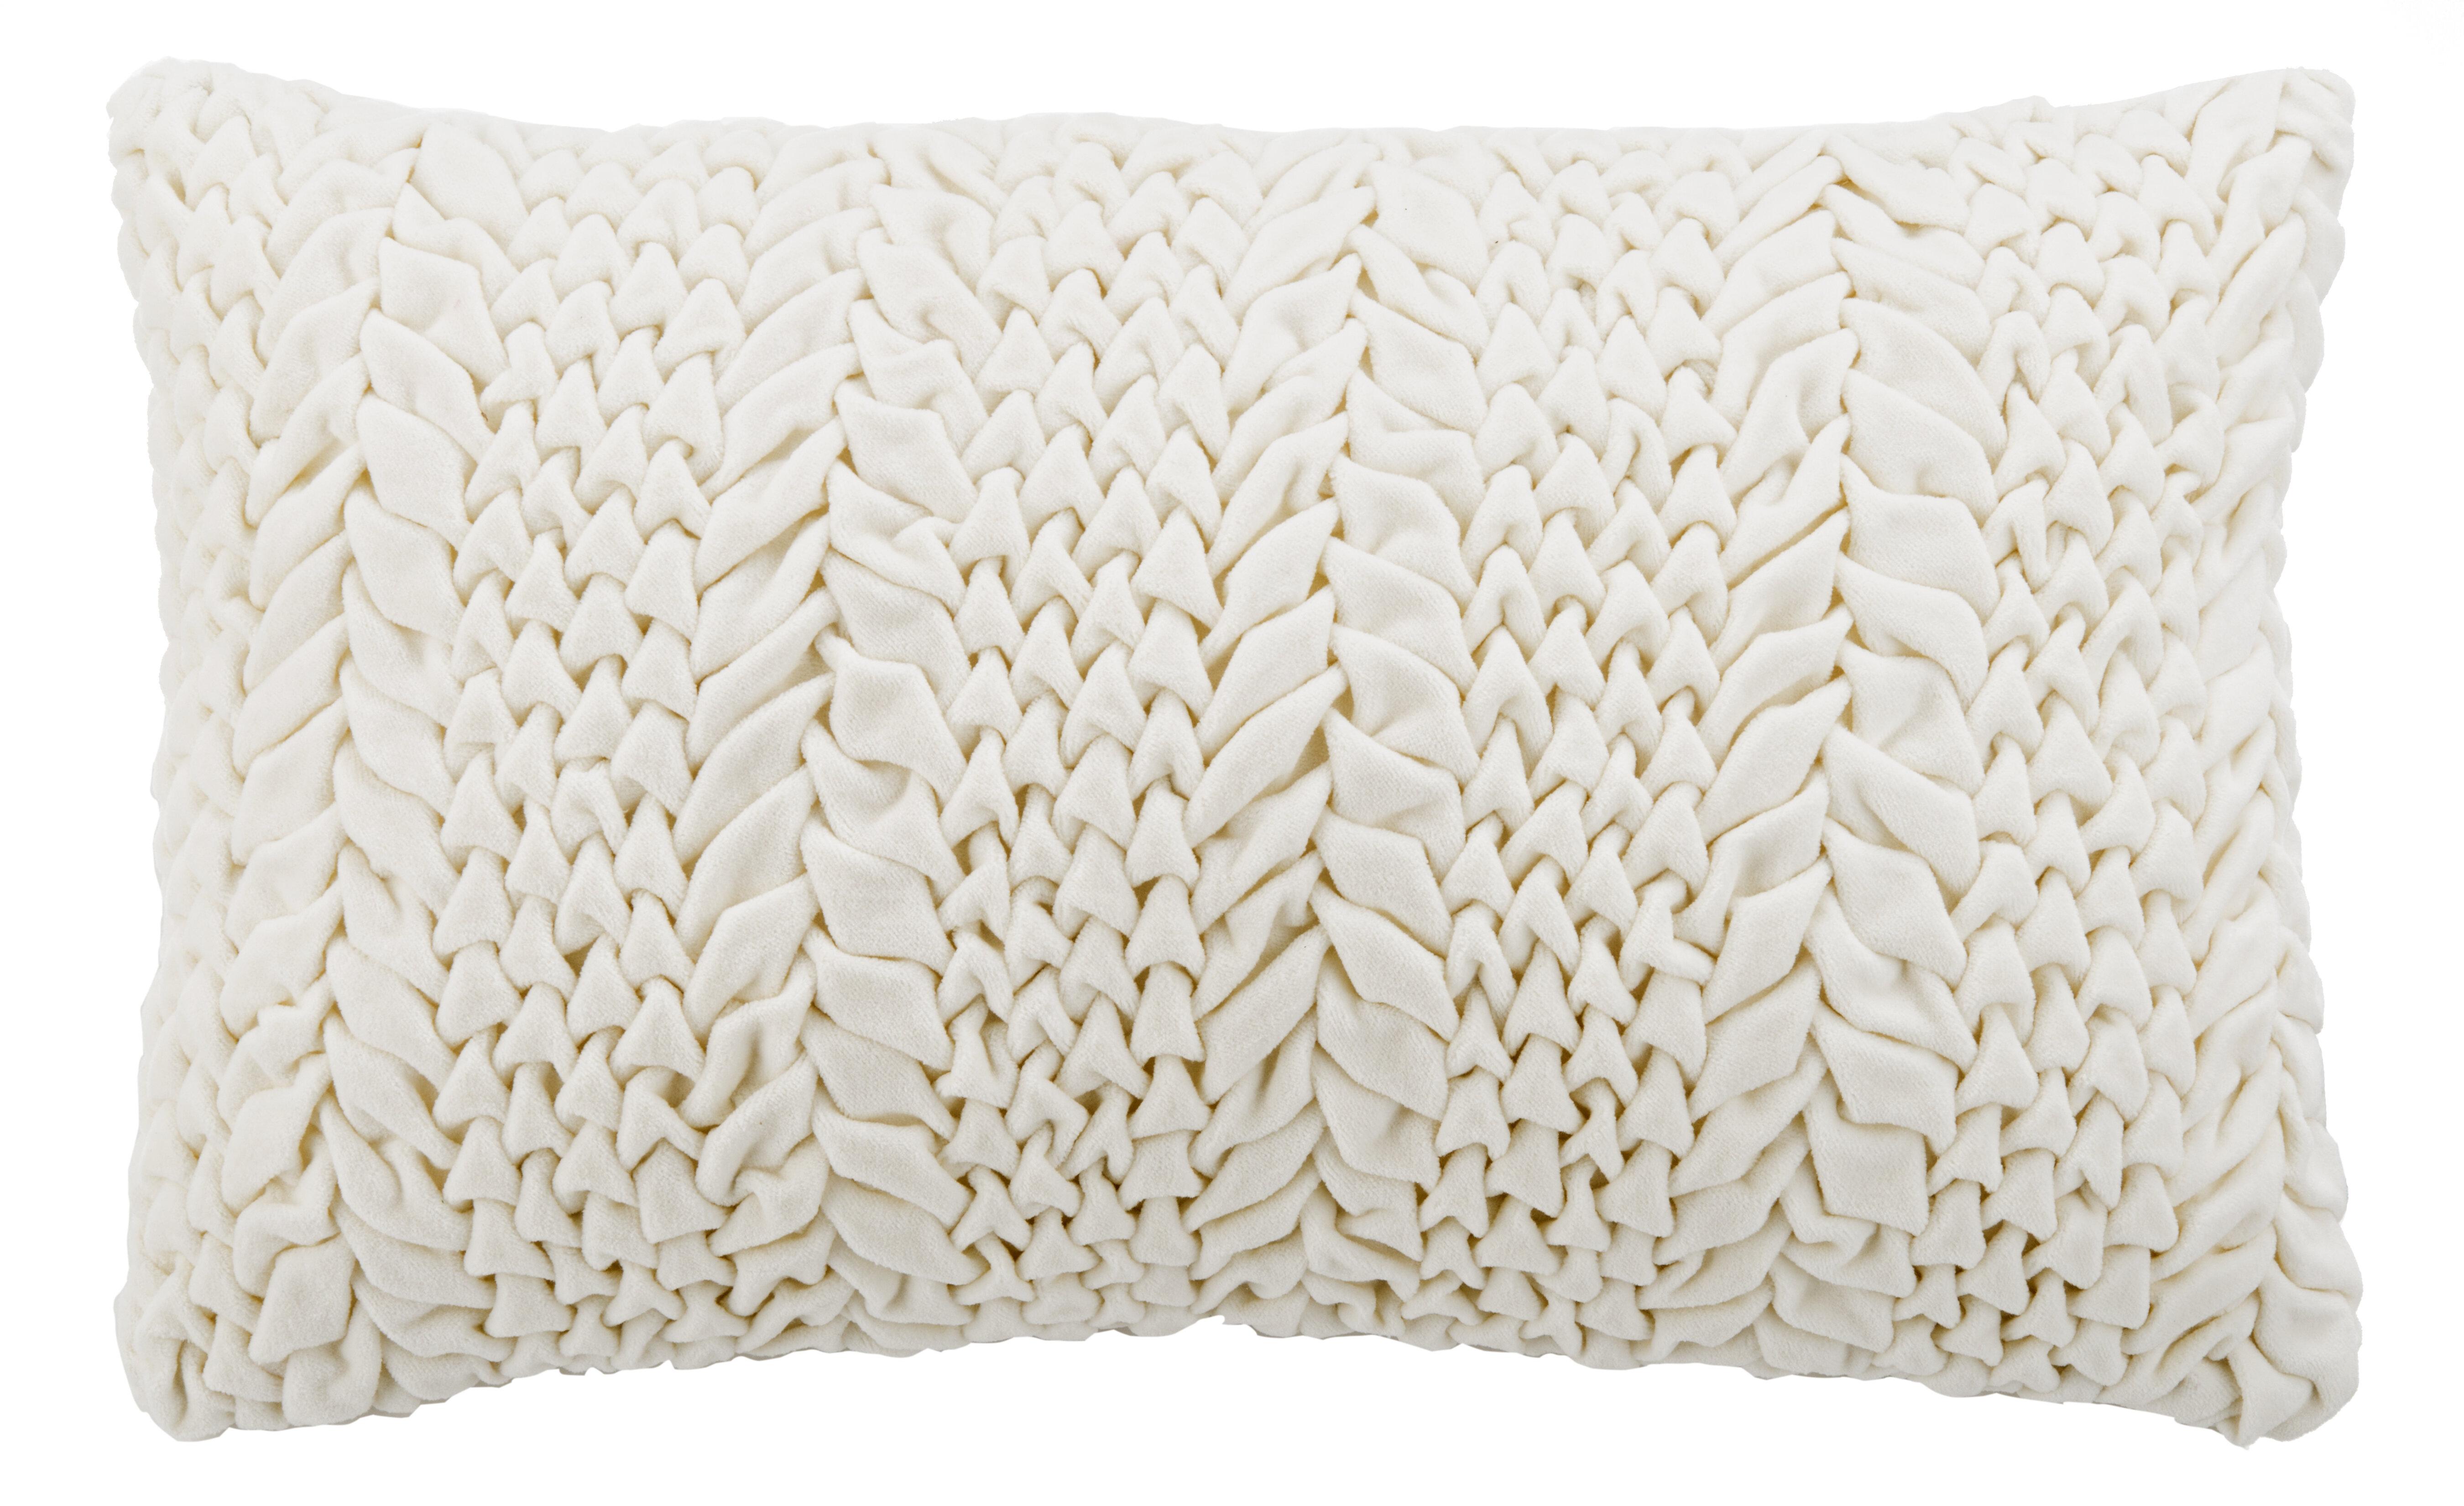 7efafefa44c Regis 100% Cotton Throw Pillow   Reviews